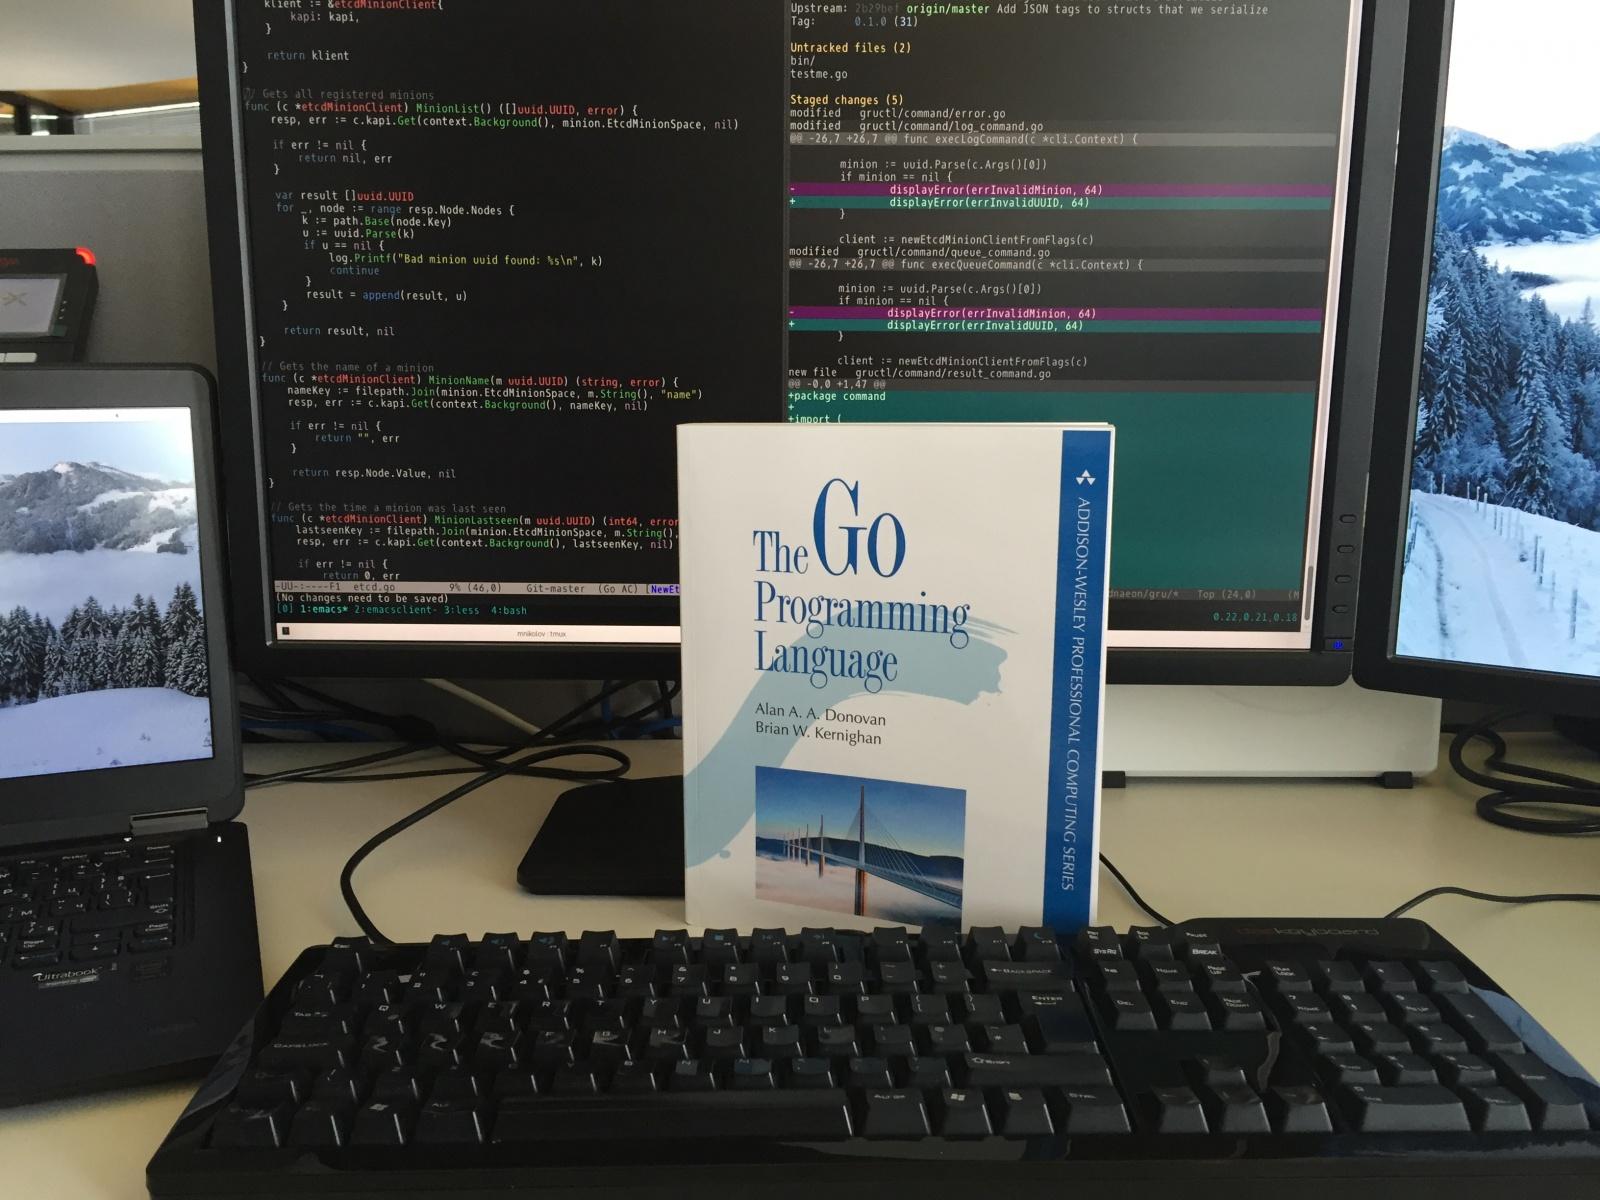 Хобби-проект польского разработчика — усовершенствованная и дополненная версия языка Go - 1